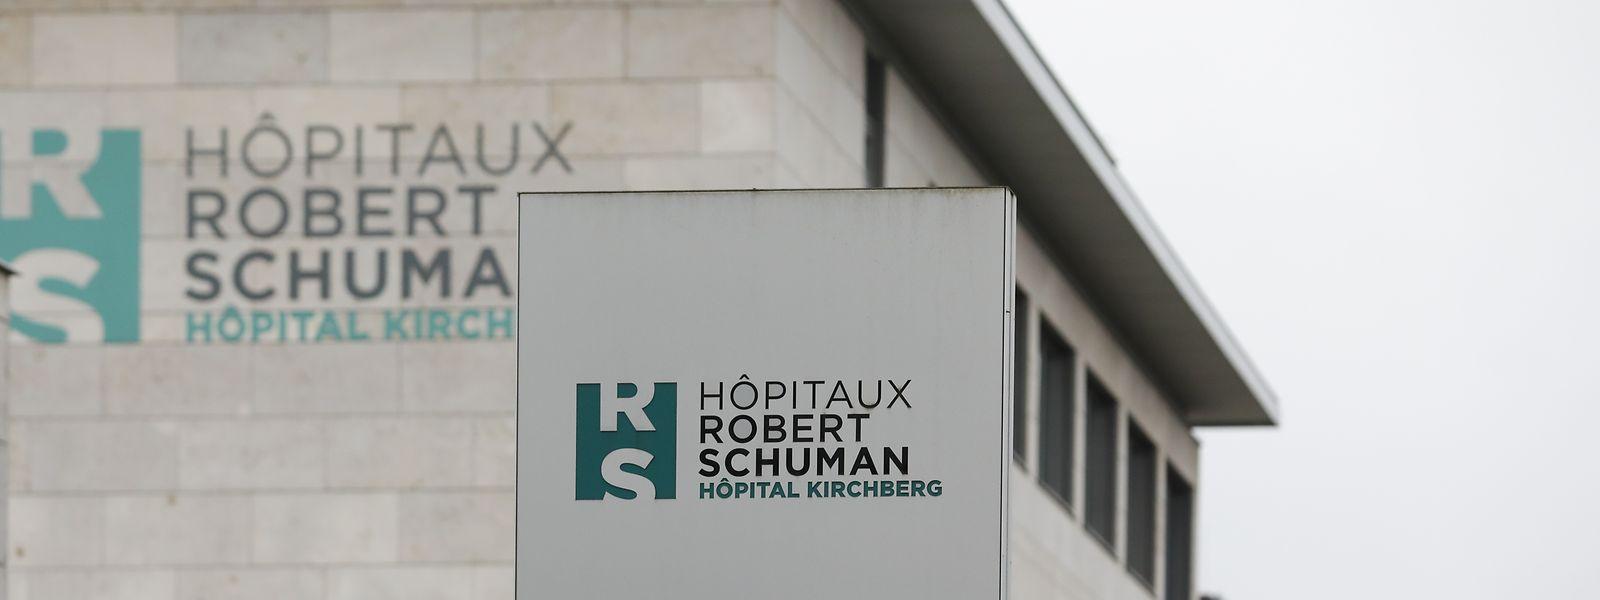 Après la polémique autour d'une possible stratégie vaccinale privée, les HRS ont décidé de se séparer de leur directeur général.